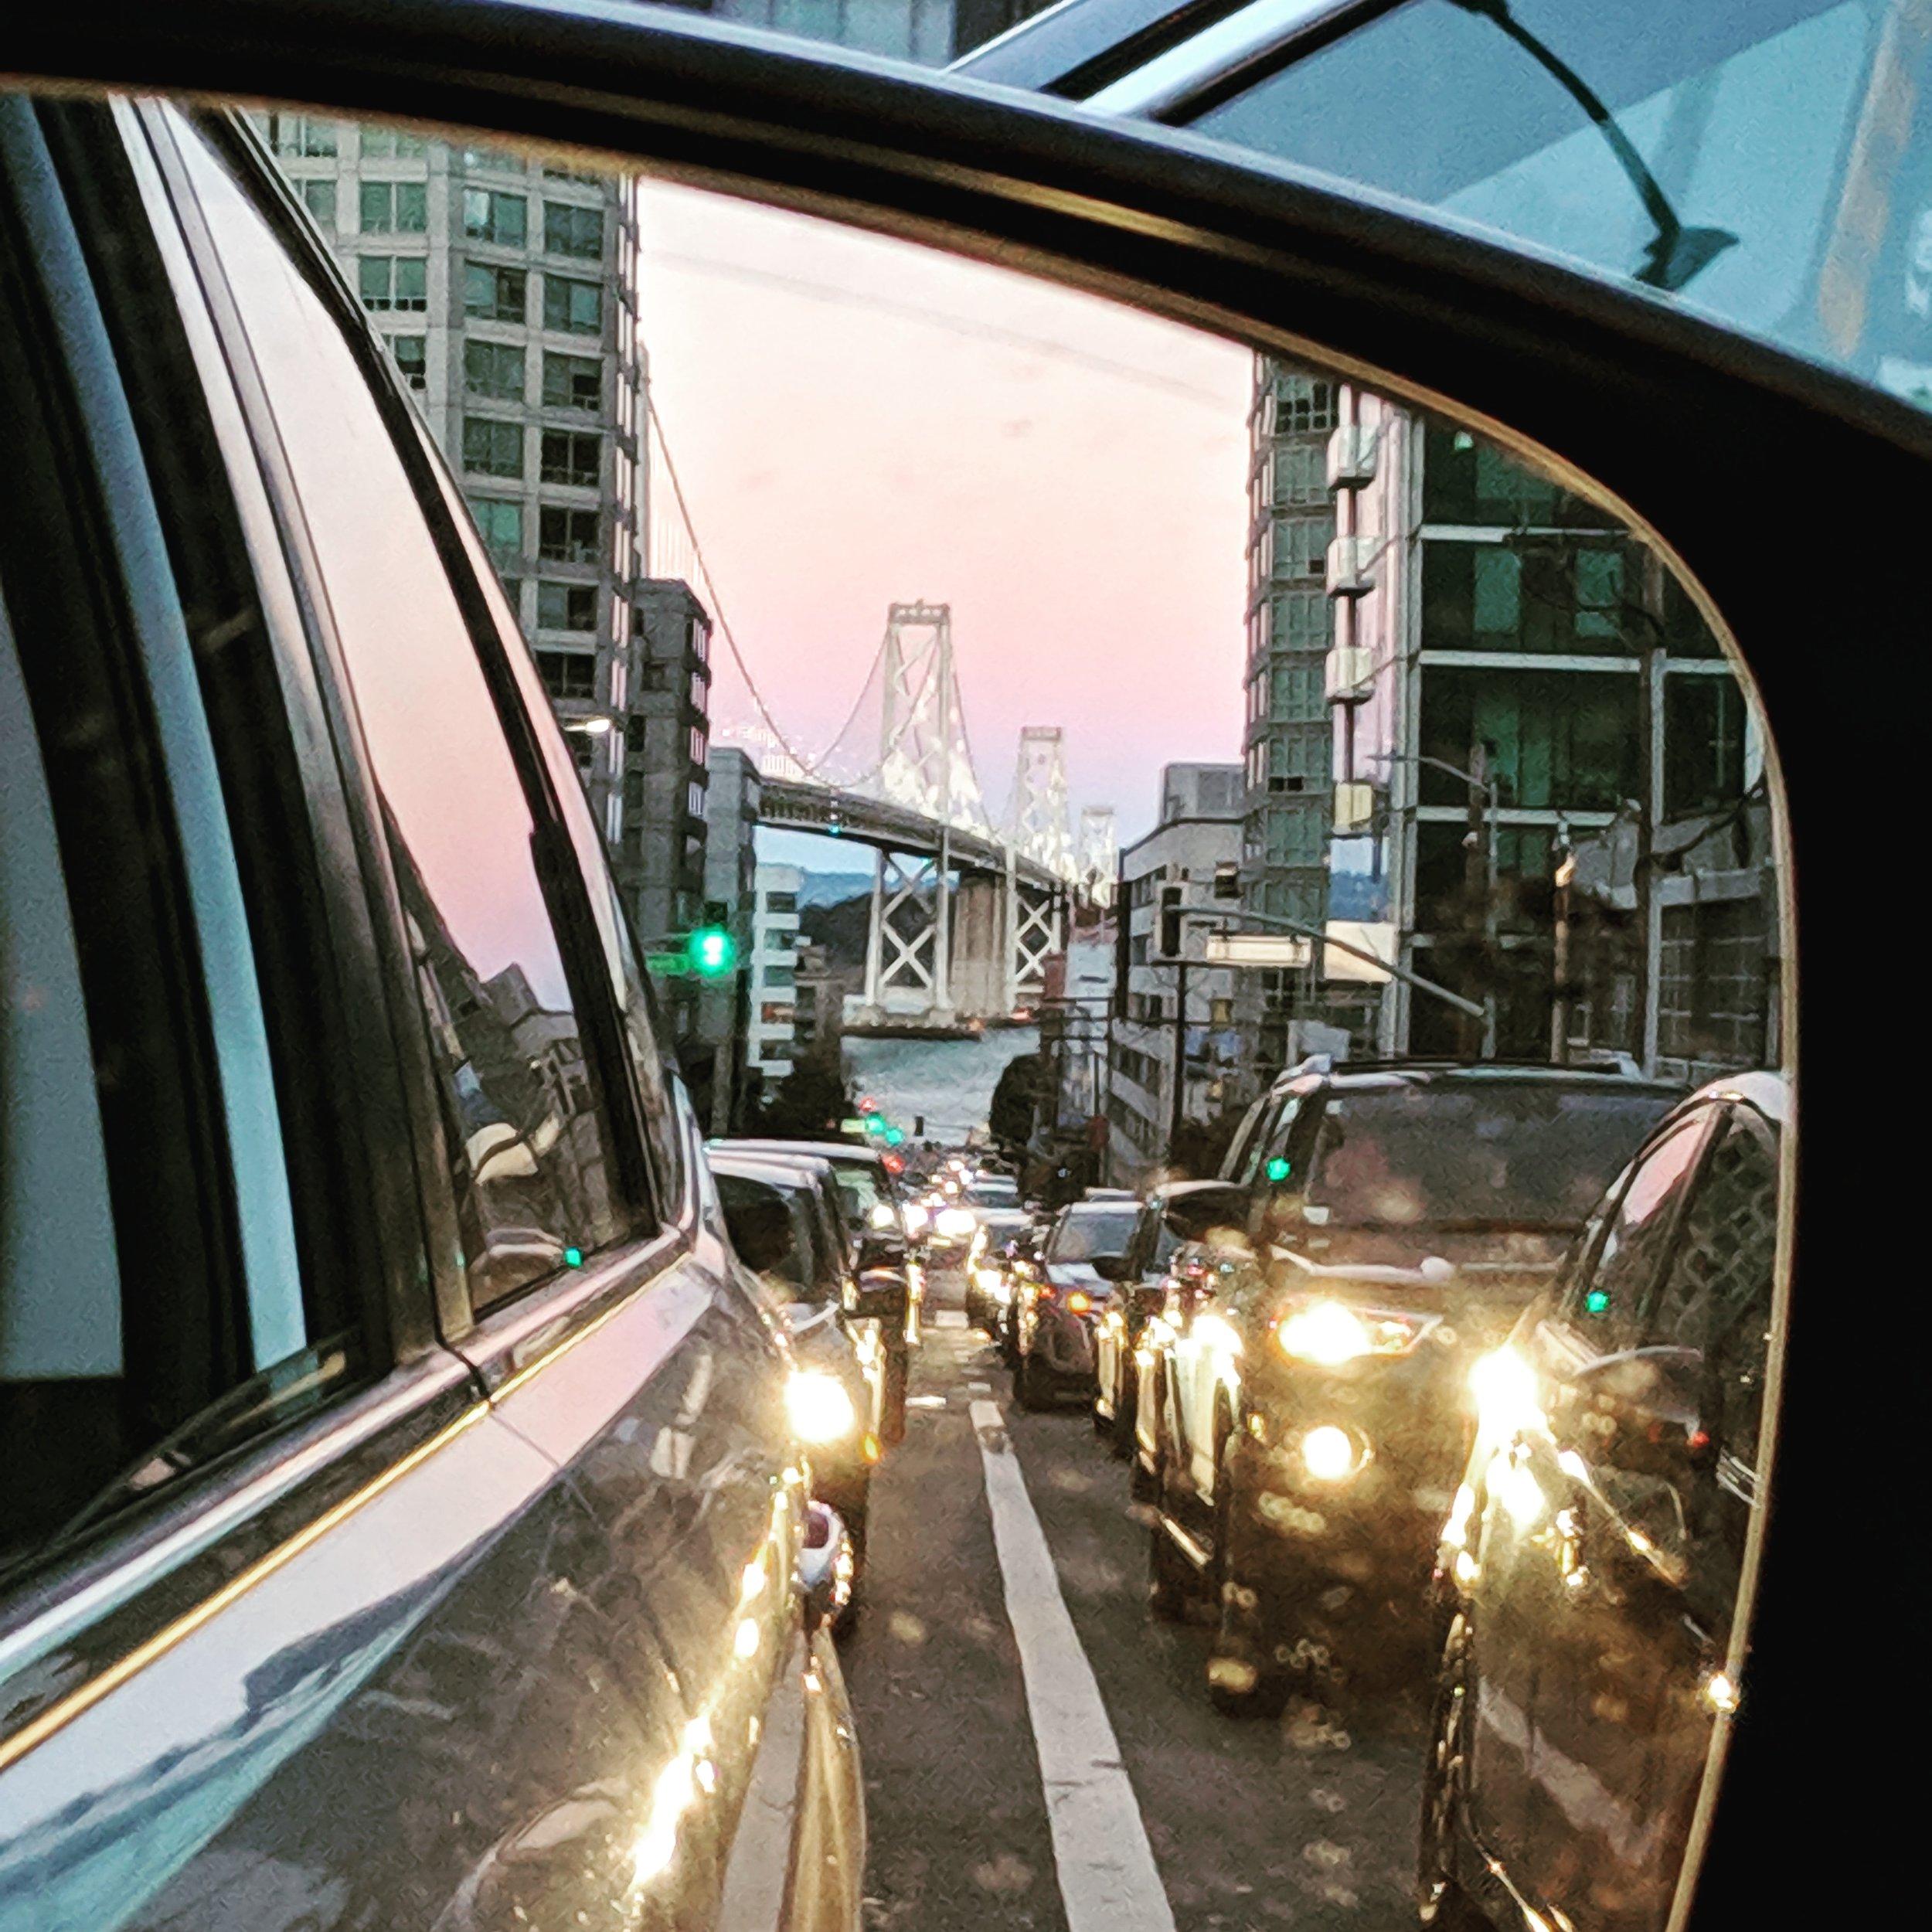 Bay Bridge in traffic